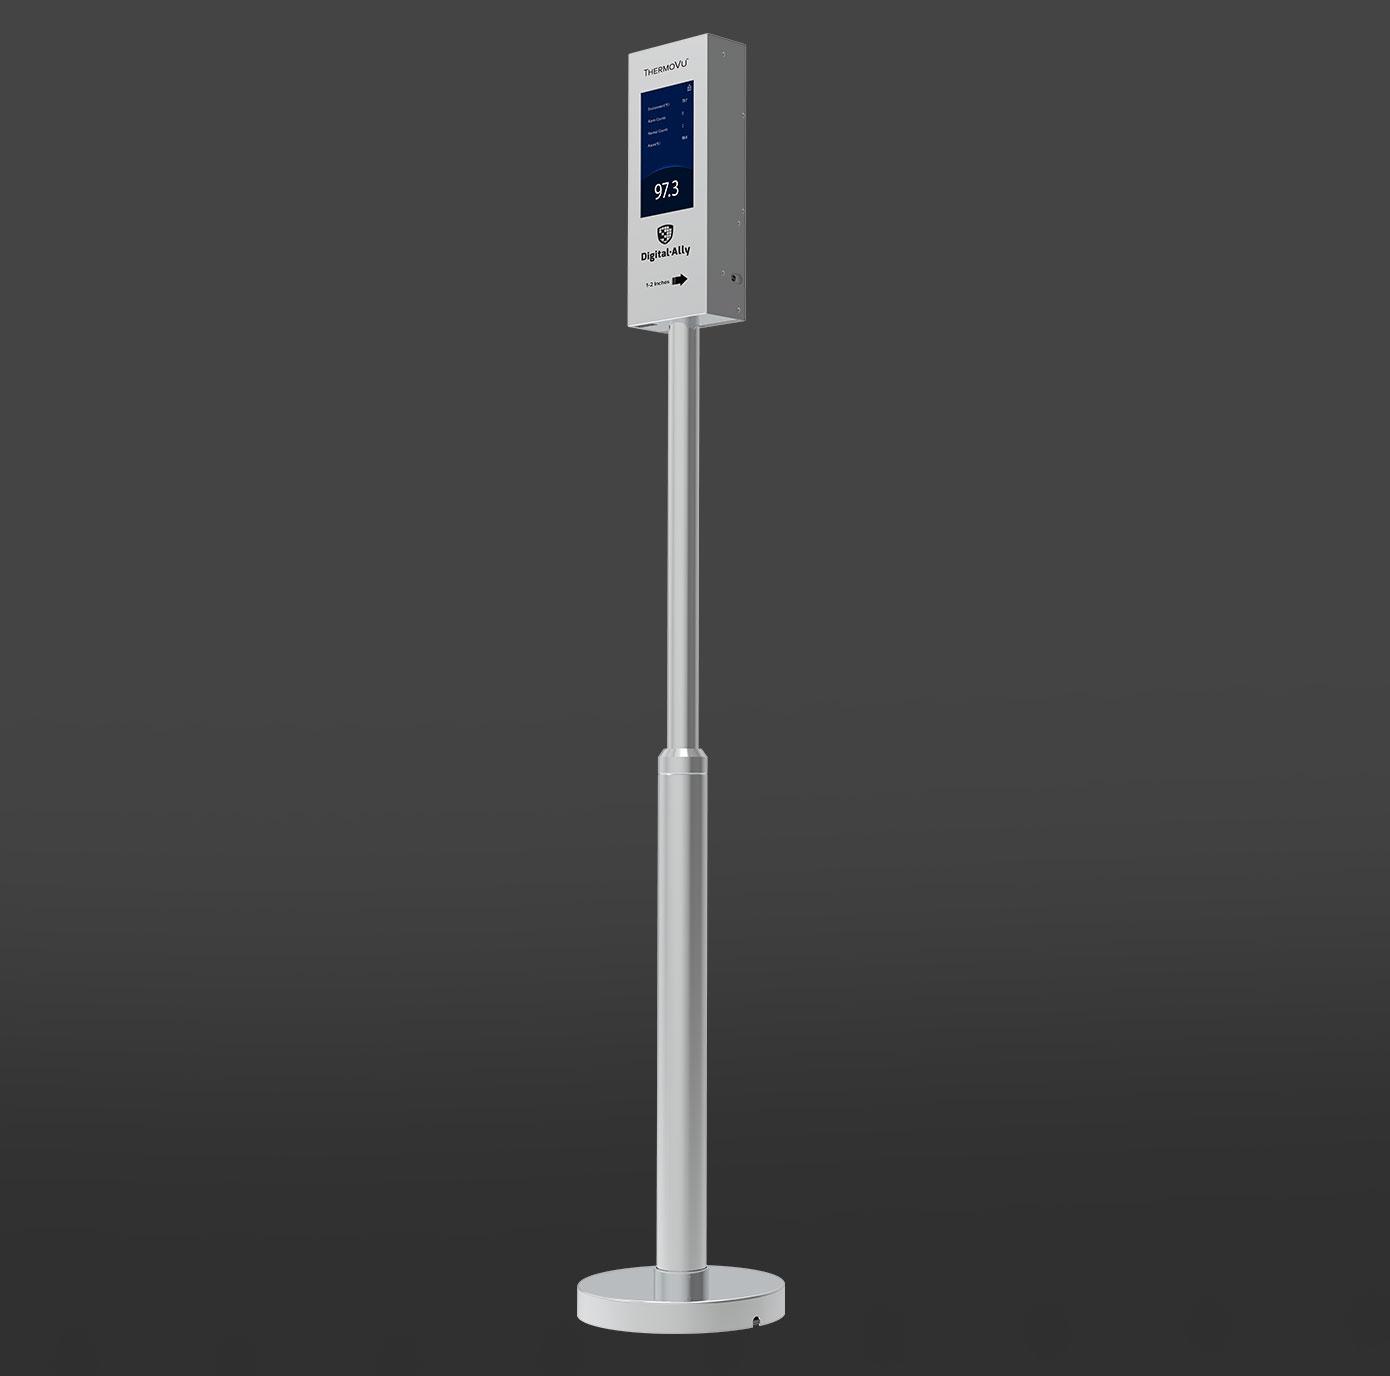 ThermoVu Pole-Mounted Body Thermometer